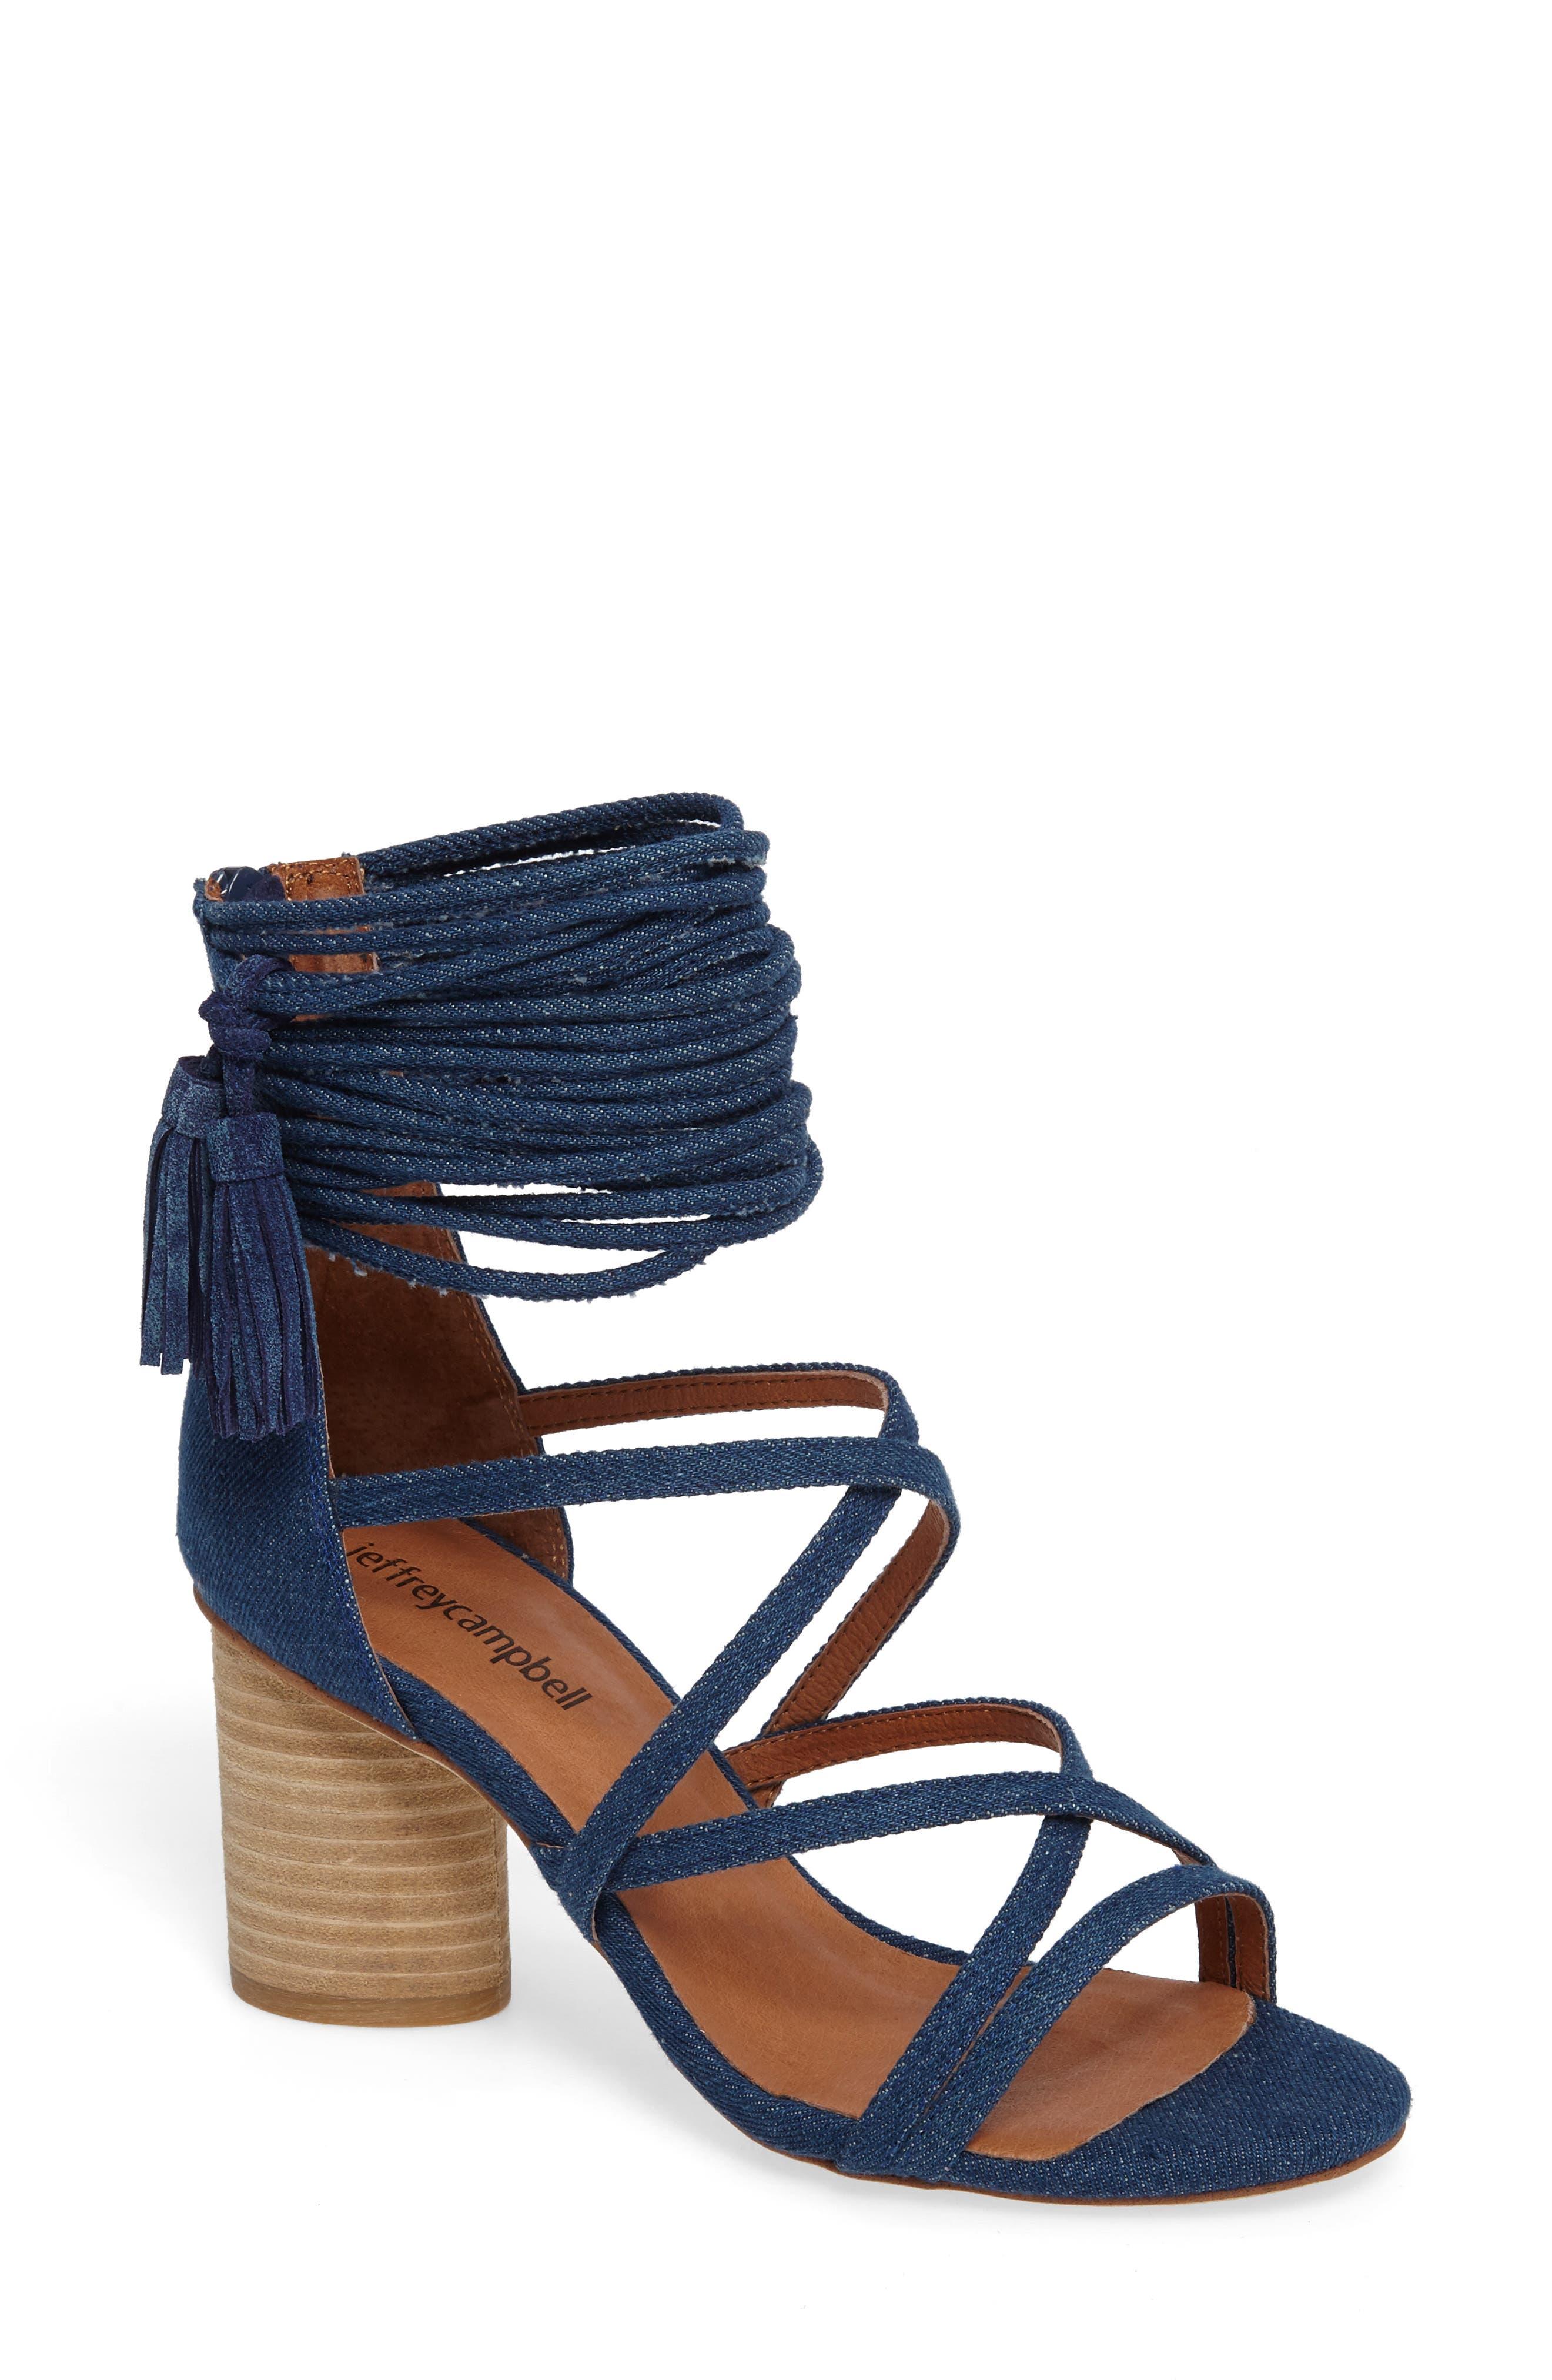 'Despina' Strappy Sandal,                             Main thumbnail 6, color,